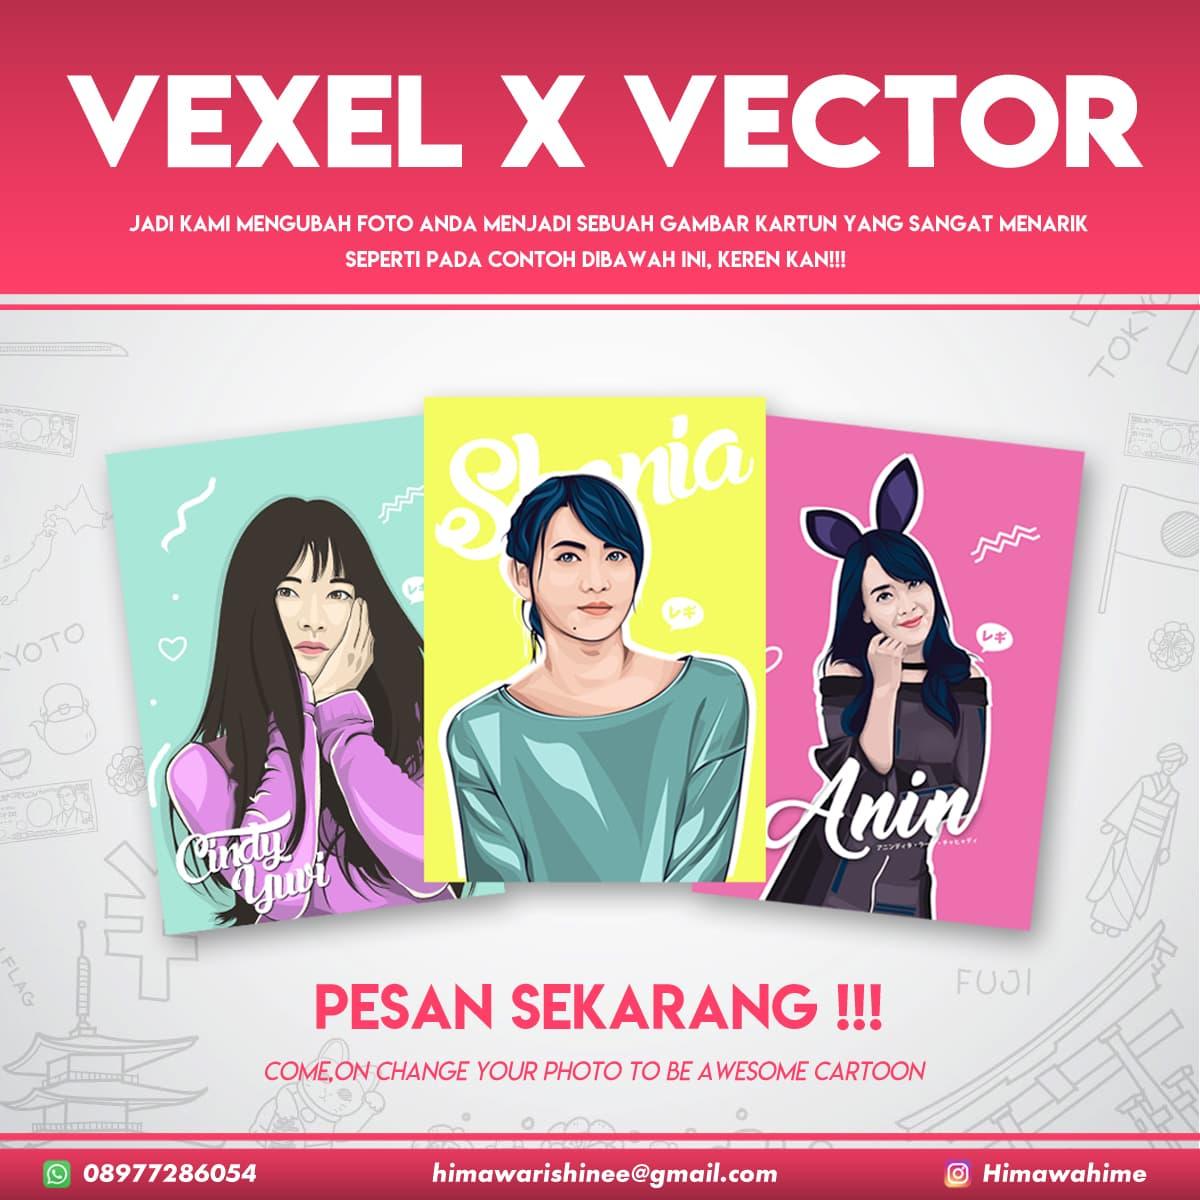 Jual Vector Vexel Edit Foto Kartun Vektor Art Soft Copy Kado